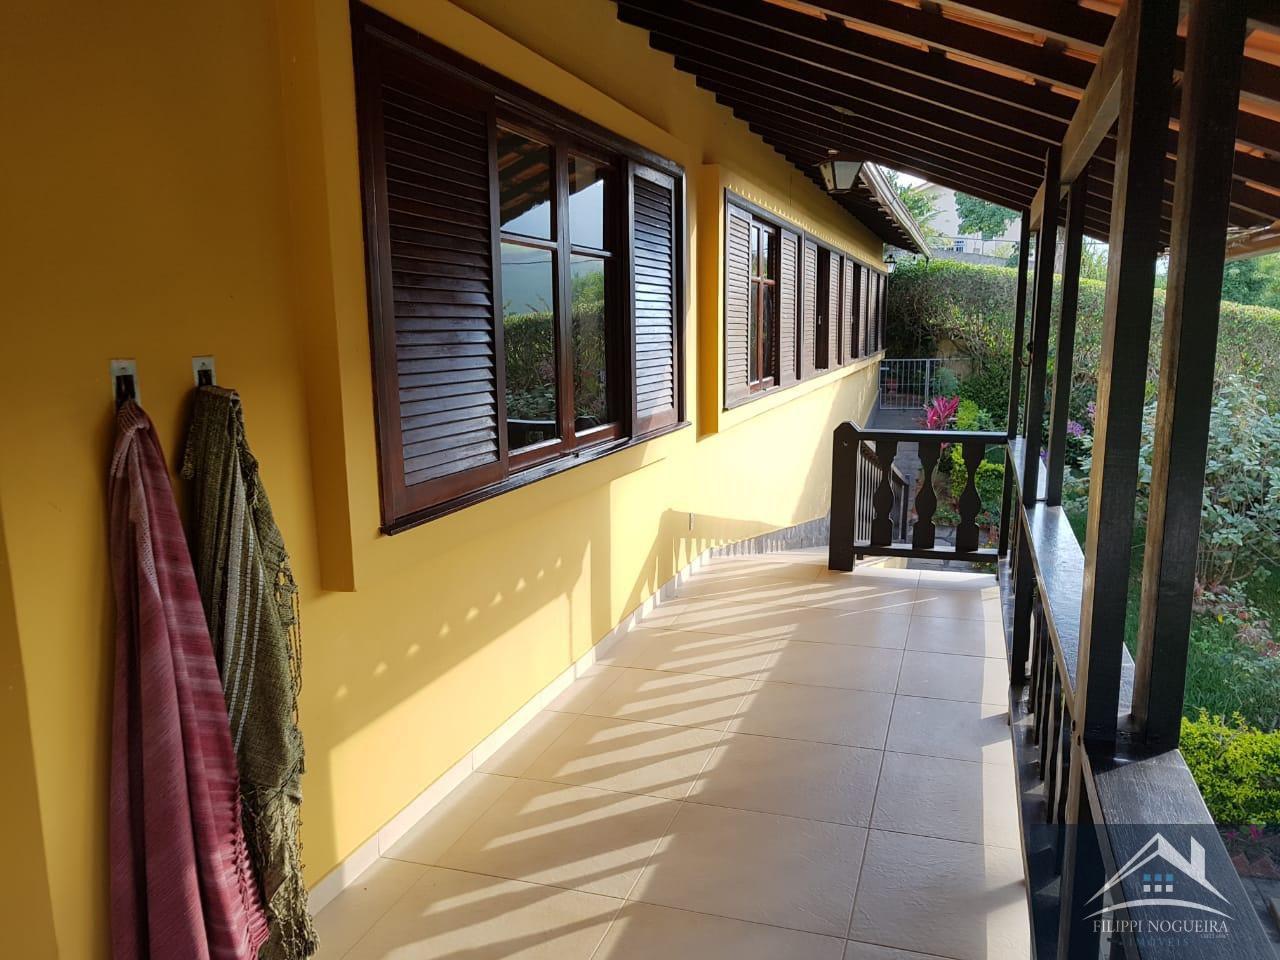 Excelente imóvel com 6 quartos e piscina na Vila Suissa. - csvl - 10